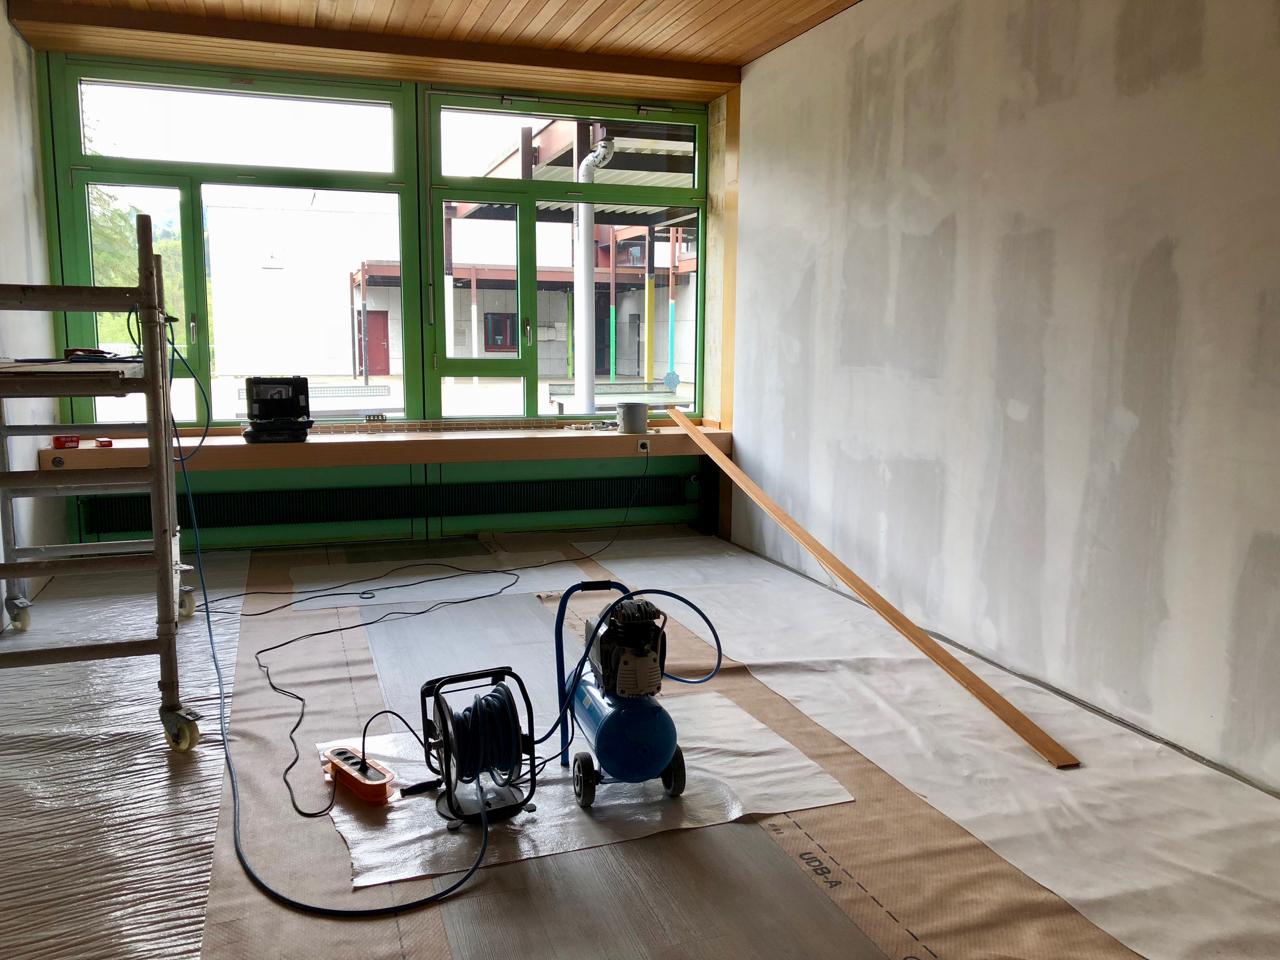 Schulleiterbüro: Der Boden ist verlegt